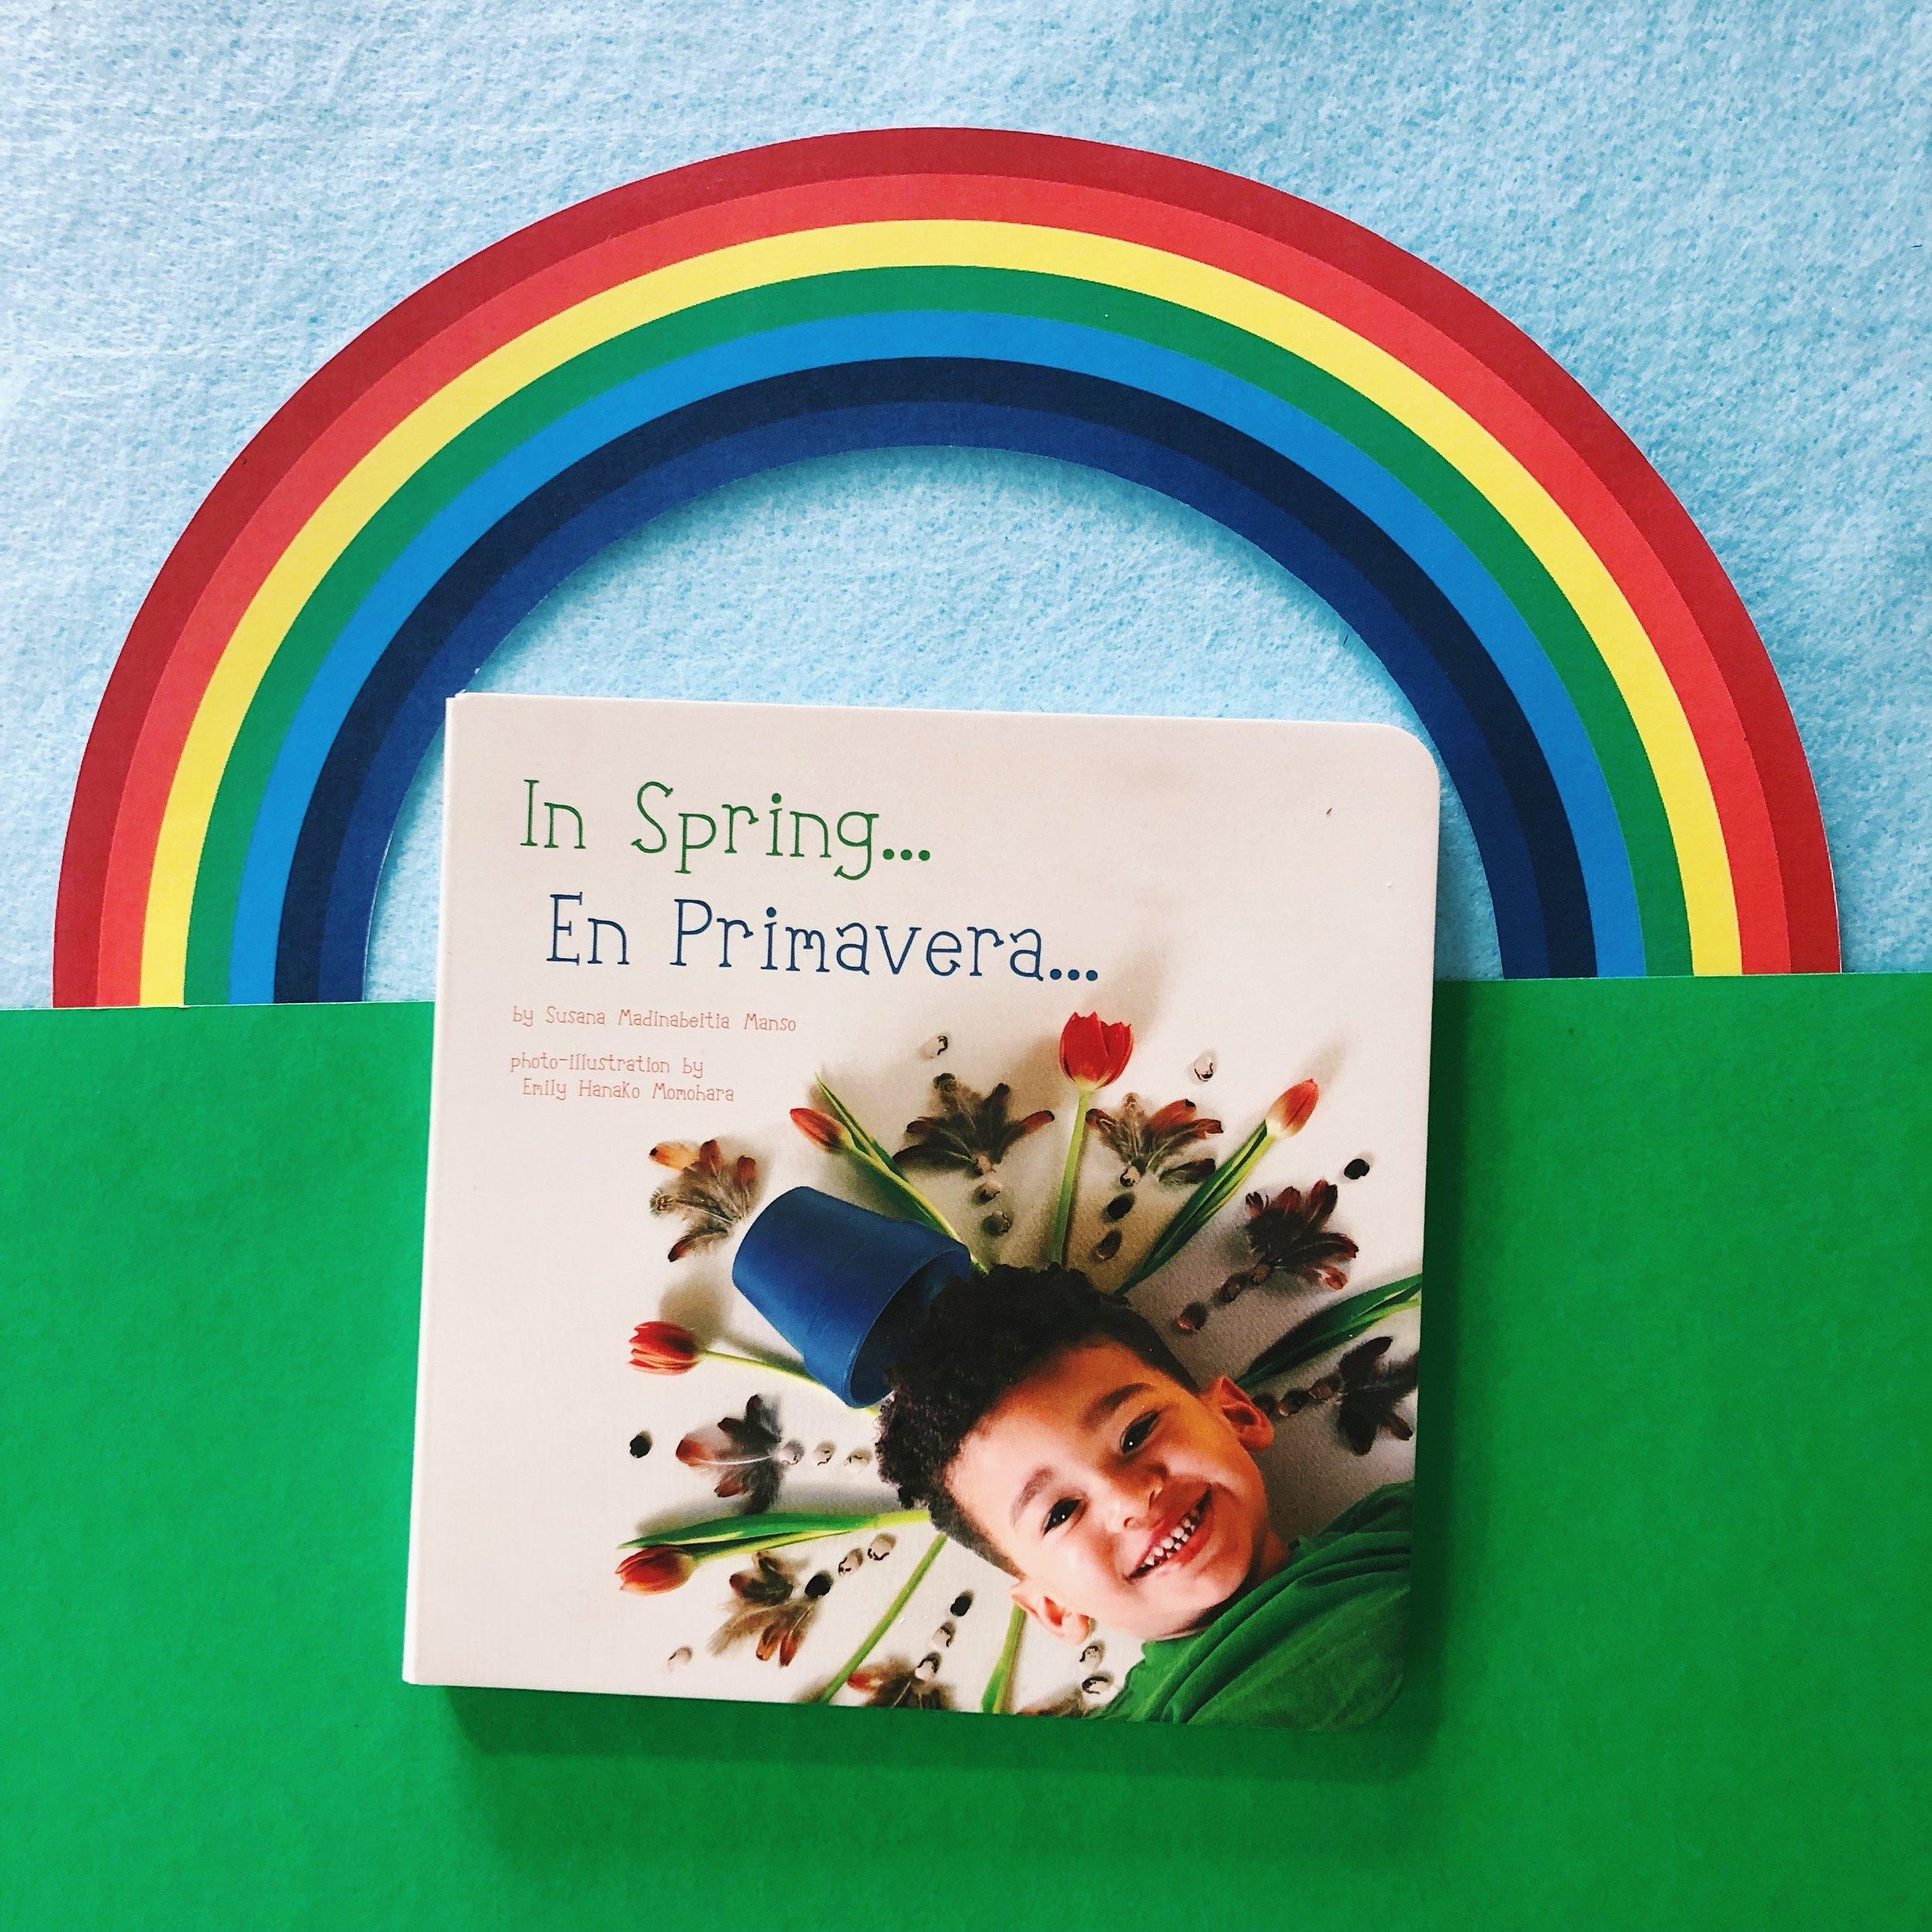 """""""In spring… Rainbows paint the sky. I want to paint like a rainbow!   En primavera… Los arcos iris pintan el cielo. ¨¡Quiero pintar como un arco iris!""""     In Spring…En Primavera…   written by Susana Madinabeitia Manso with photo-illustration by Emily Hanako Momohara"""